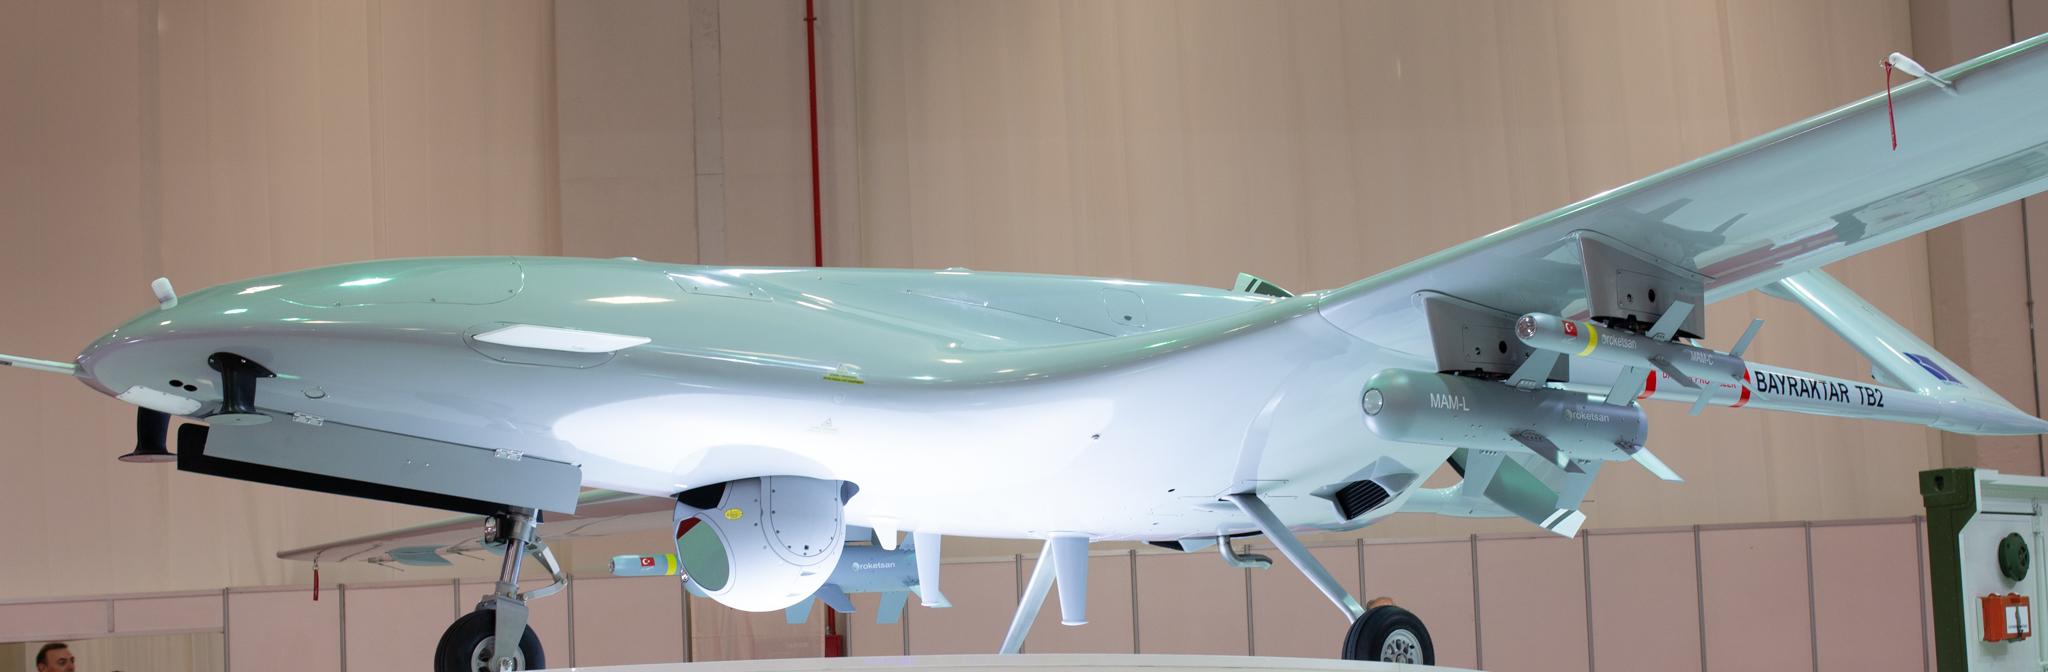 Türk Savunma ve Havacılık Sanayi'nin COVID-19'a rağmen 2020 ilk 10 Aylık Performansı Göz Dolduruyor!